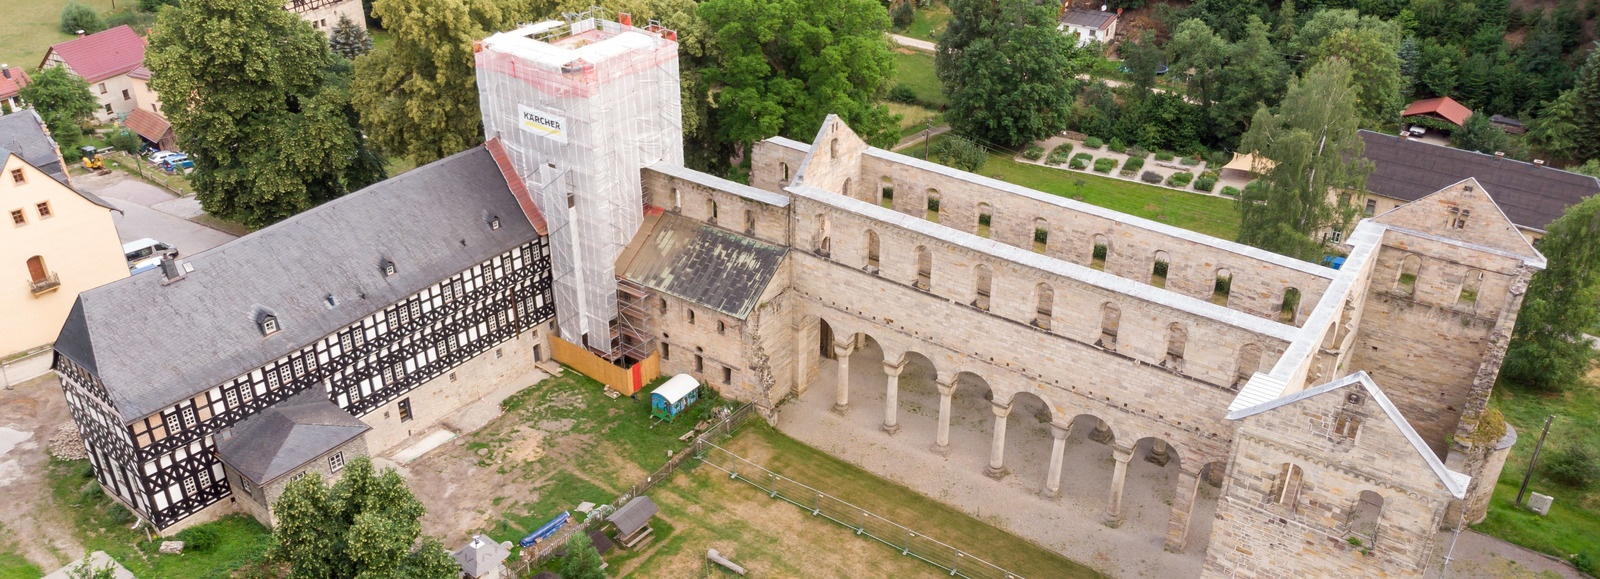 保林泽拉修道院 - 保林泽拉,德国